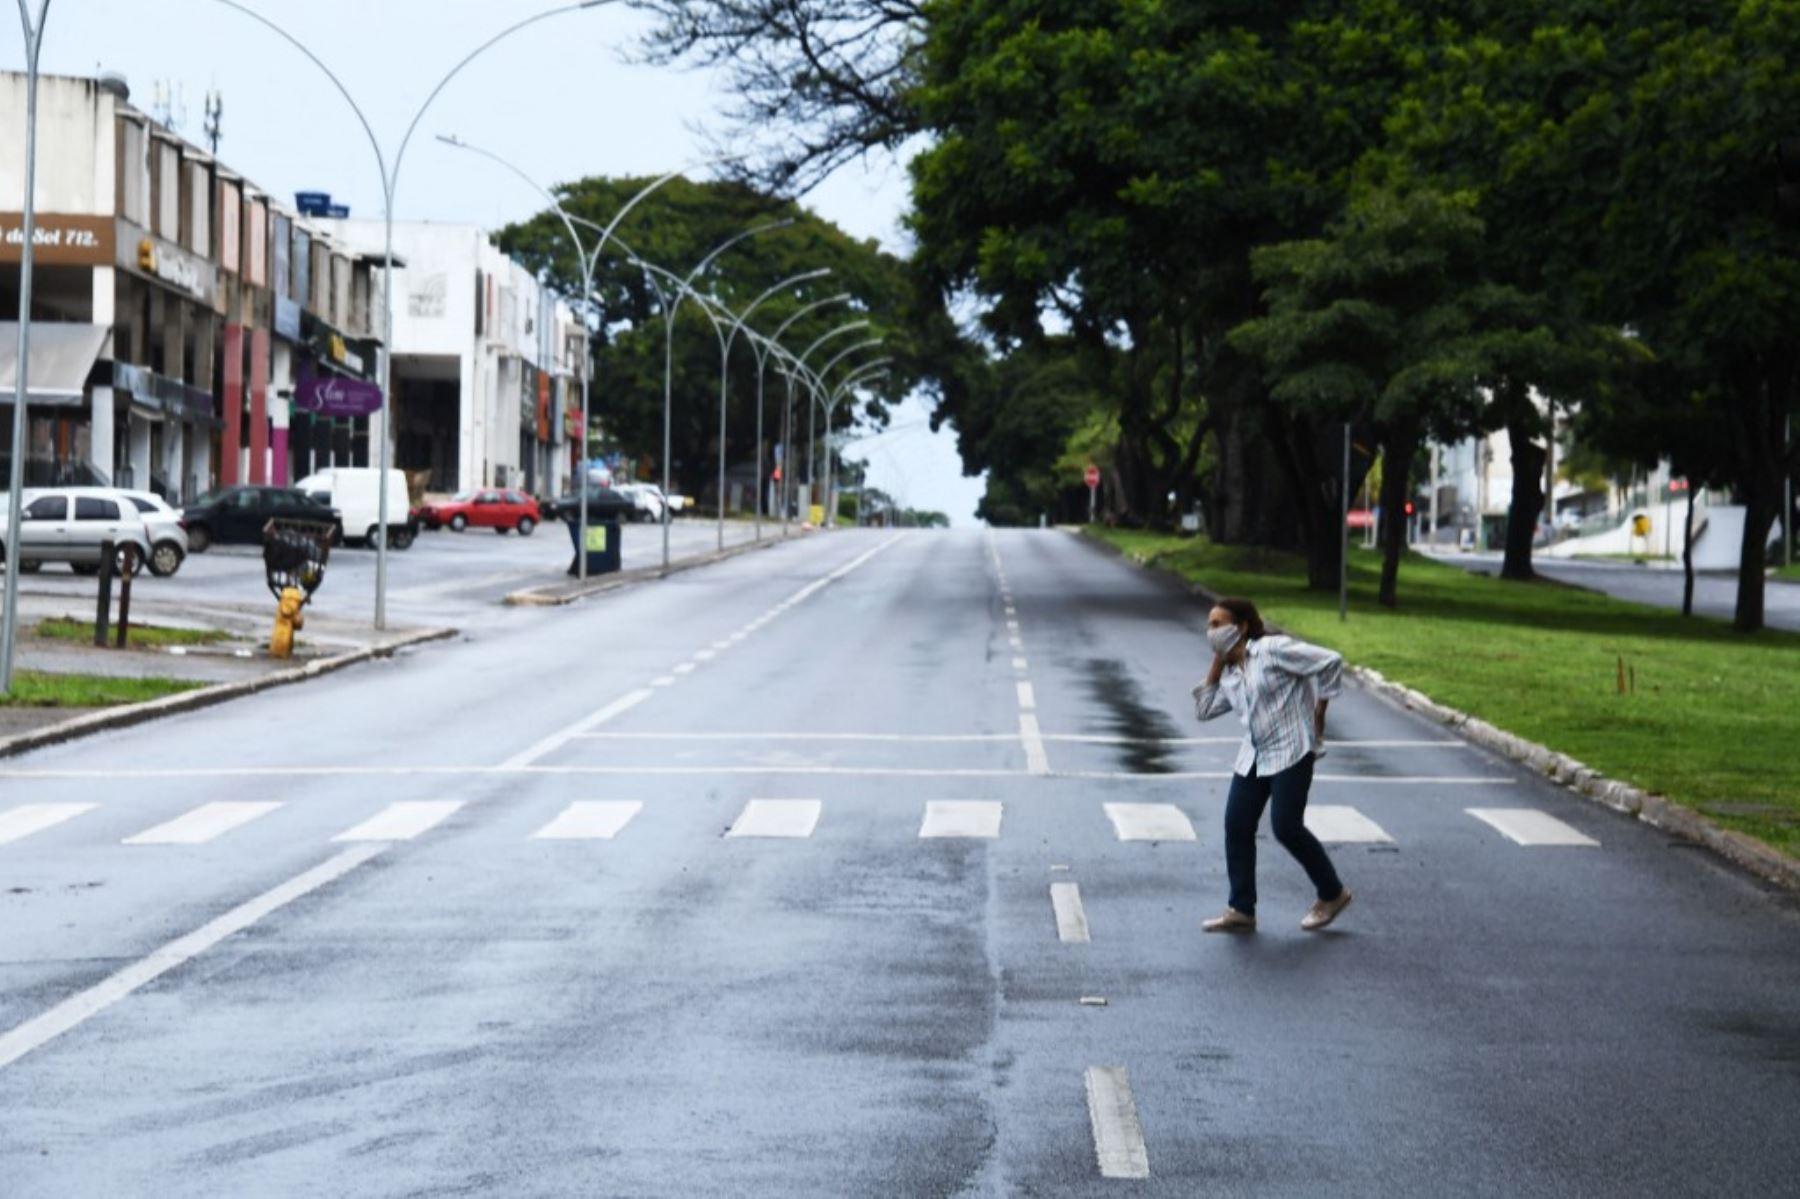 Una mujer cruza una calle en una zona comercial de Brasilia, en el primer día de encierro en la capital brasileña decretado por el gobernador Ibanes Rocha para combatir un aumento de casos del nuevo coronavirus, covid-19. Foto: AFP